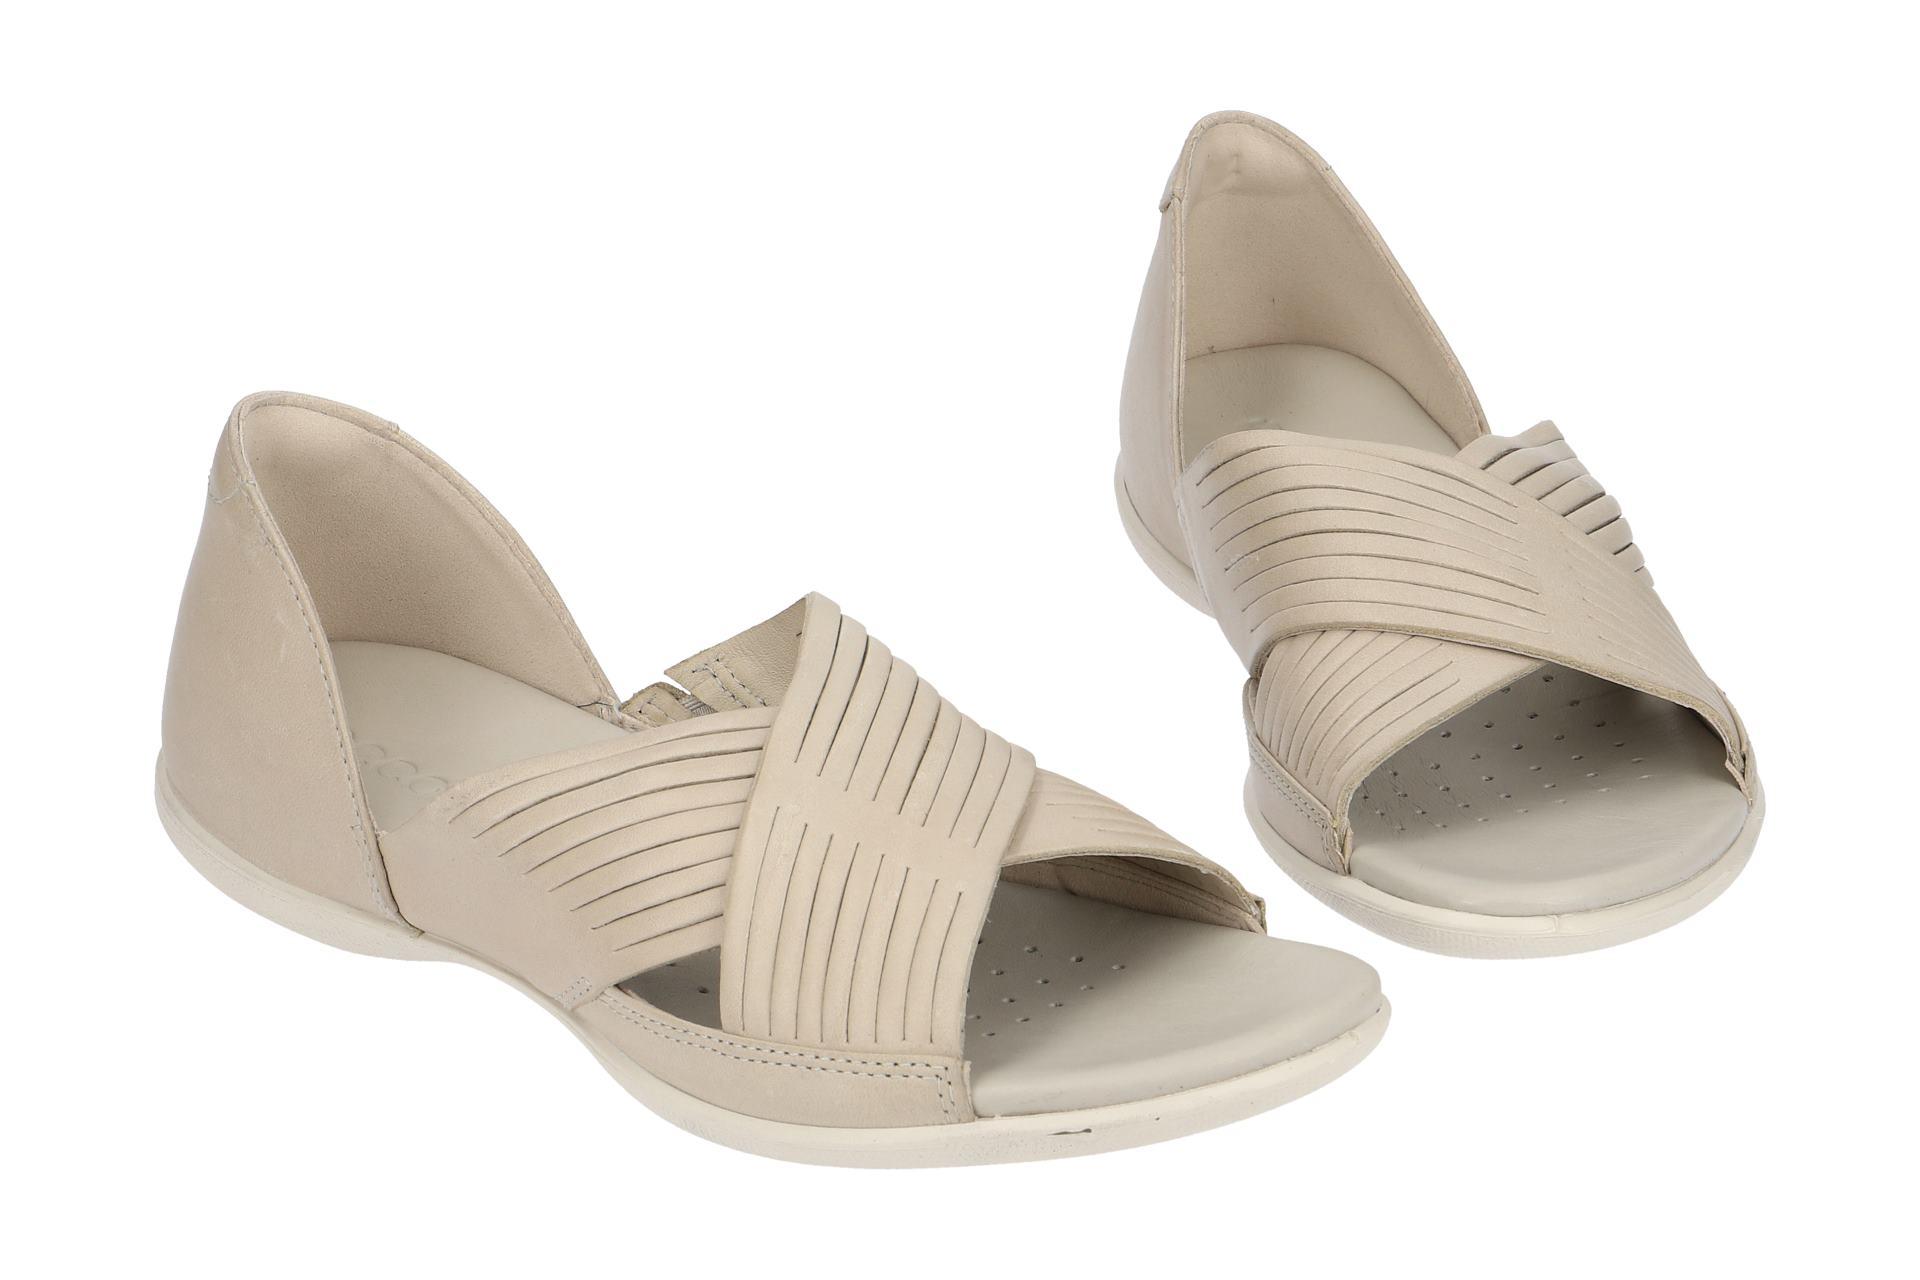 Ecco FLASH Sandalette für Damen in grau - 24390302163 Niedrig Versandkosten Günstig Online Neuankömmling KQJ3pvln